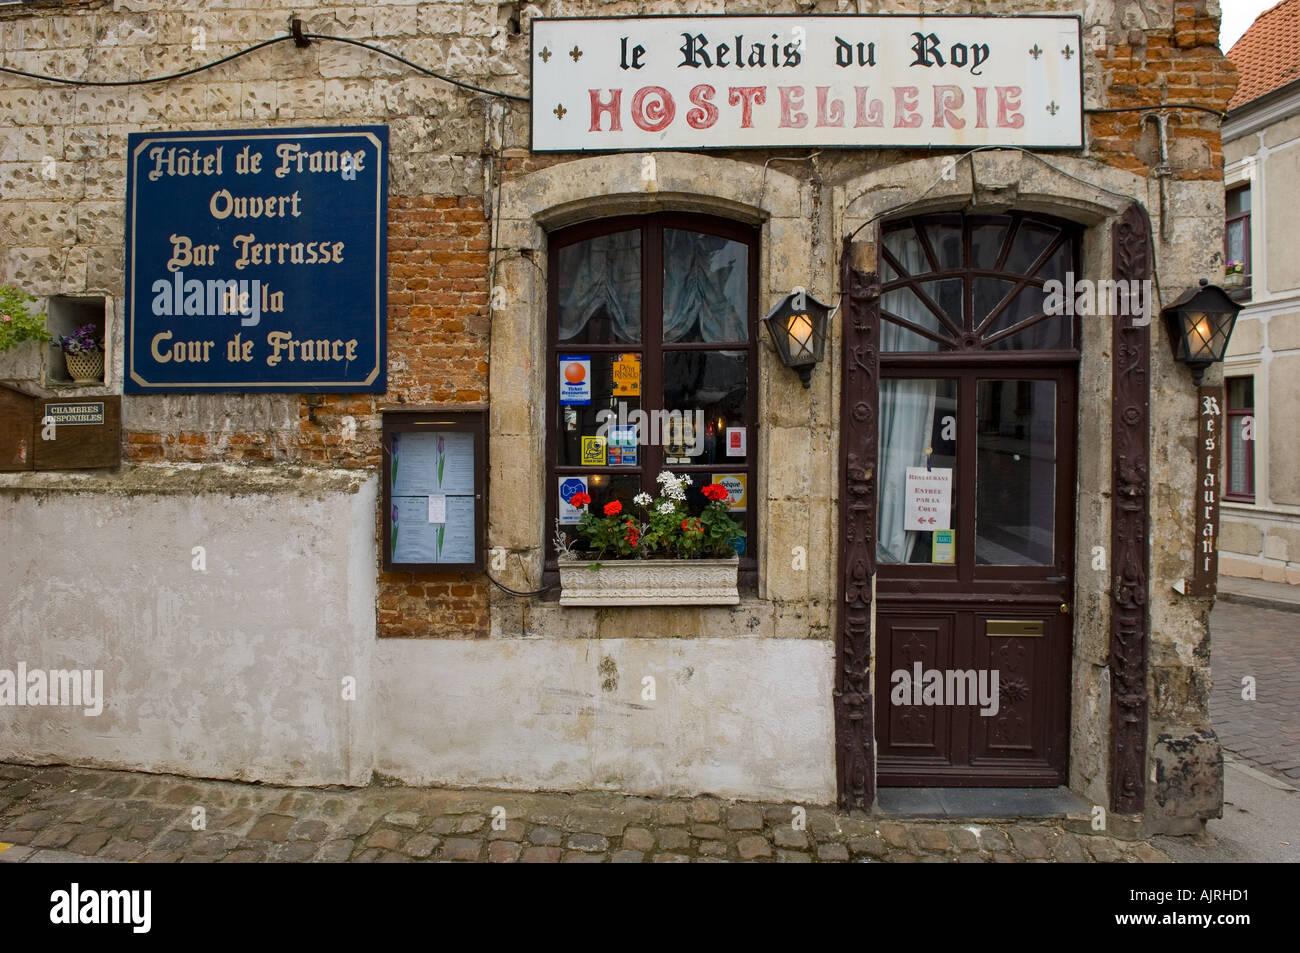 Montreuil sur mer hotel le relais du roy in france stock - Office du tourisme de montreuil sur mer ...